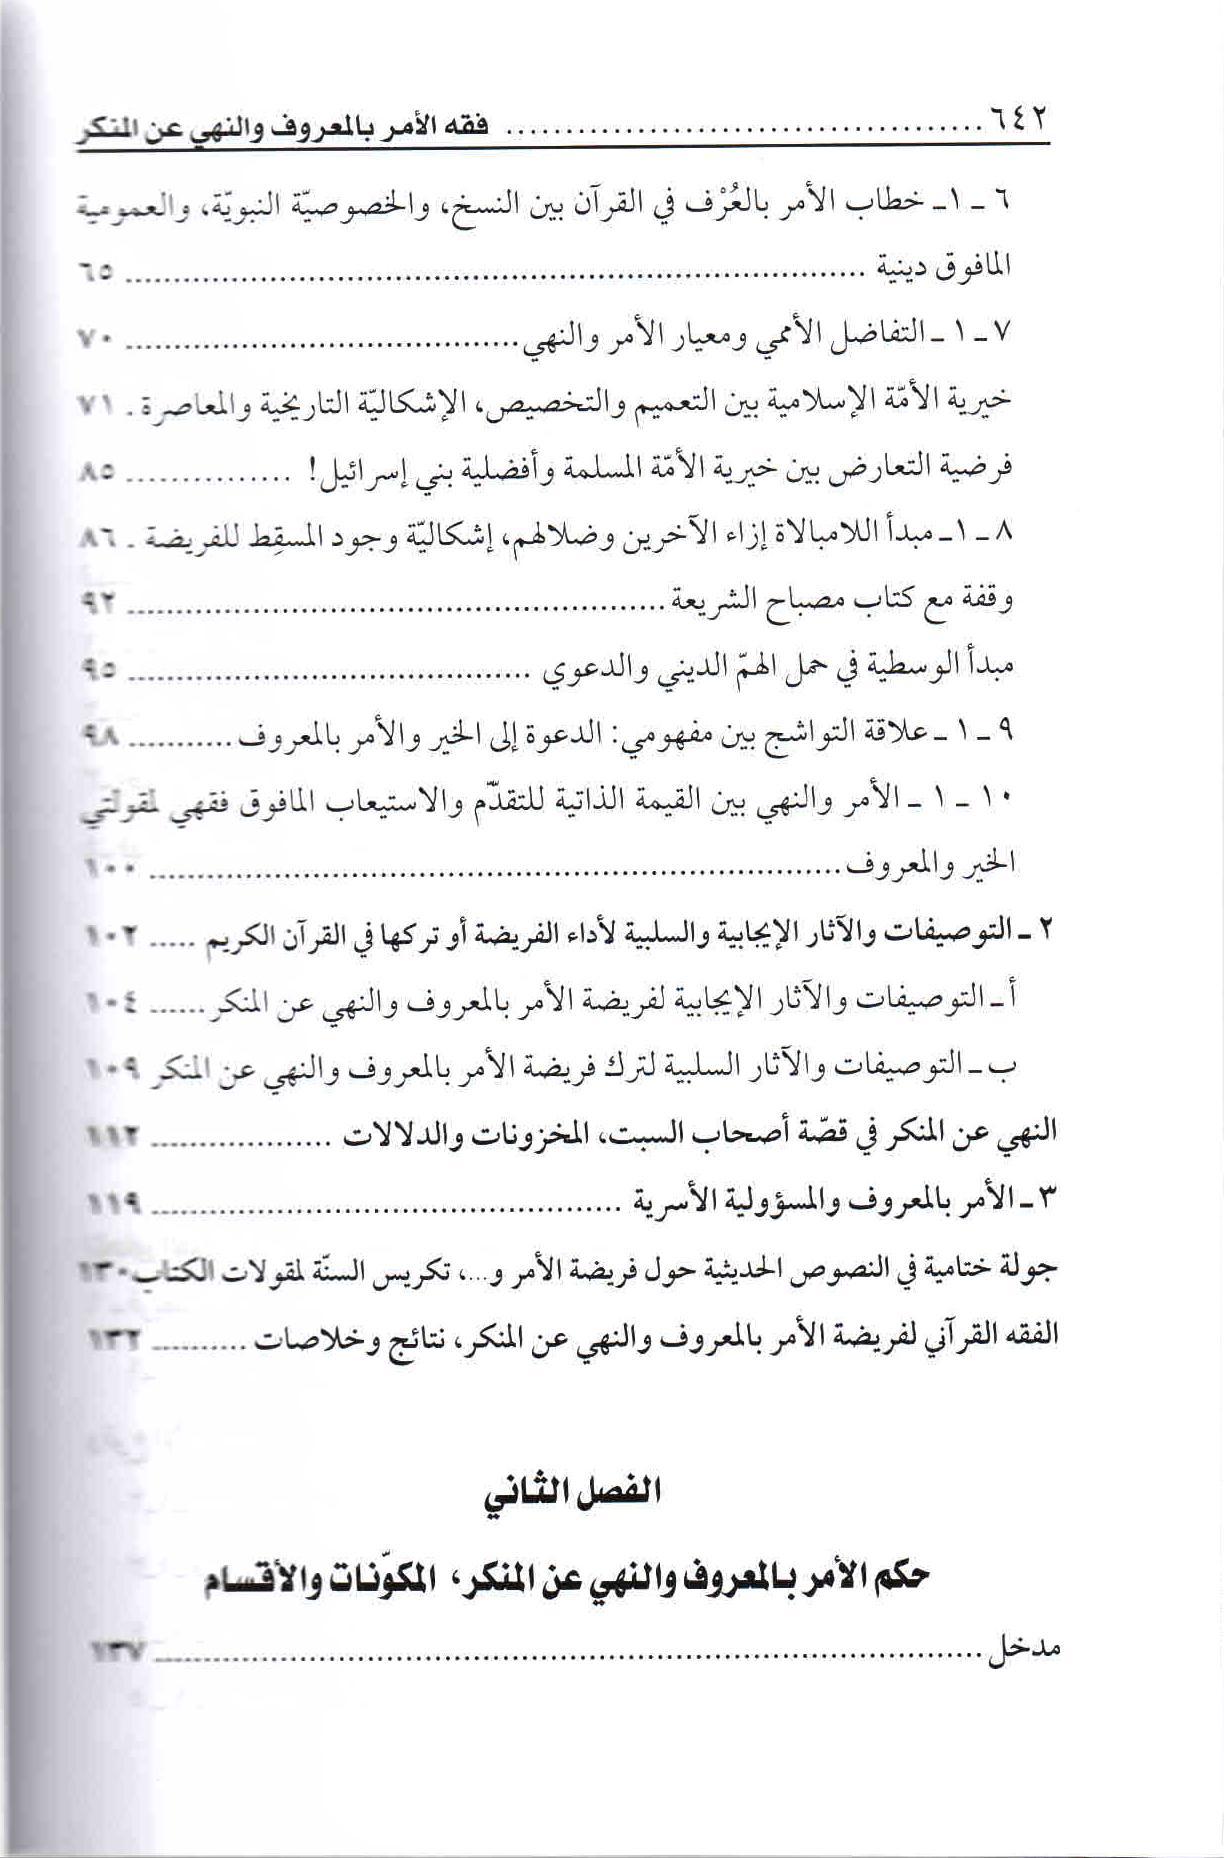 ص642 محتويات كتاب فقه الأمر بالمعروف والنهي عن المنكر